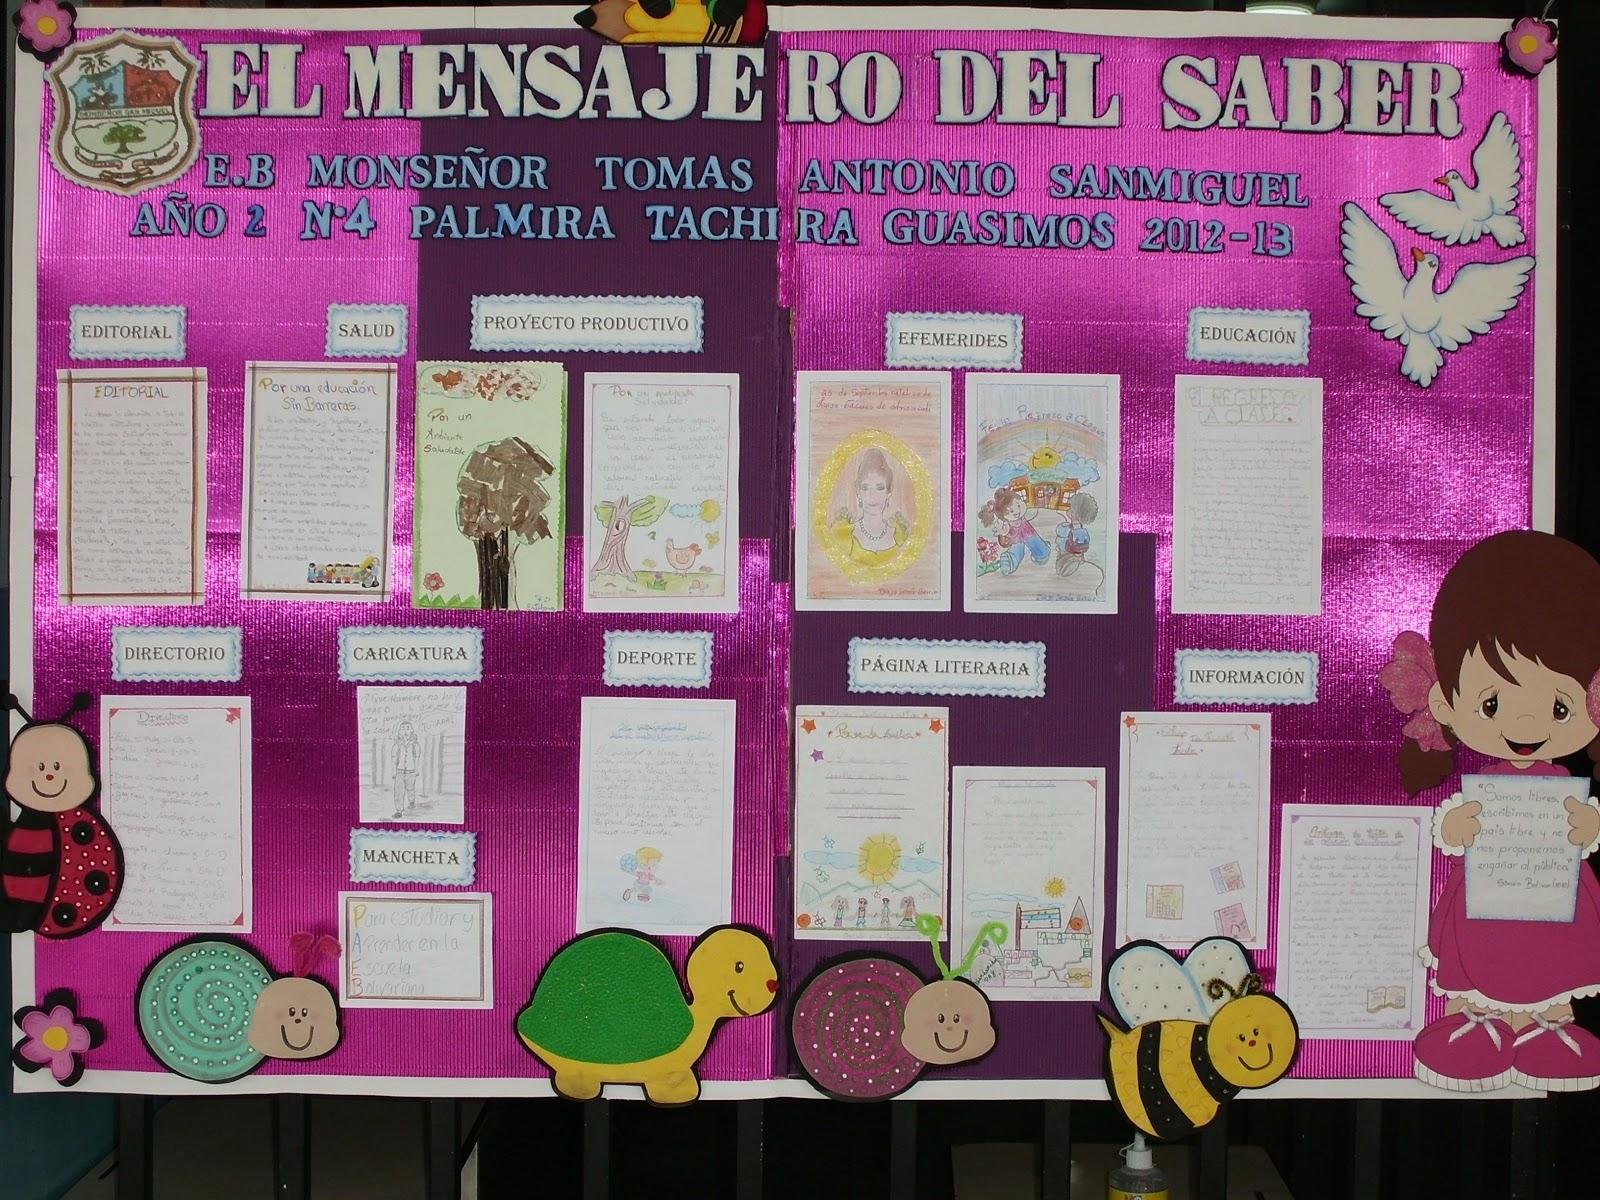 Escuela bolivariana monse or tom s antonio sanmiguel otra for Estructura de un periodico mural